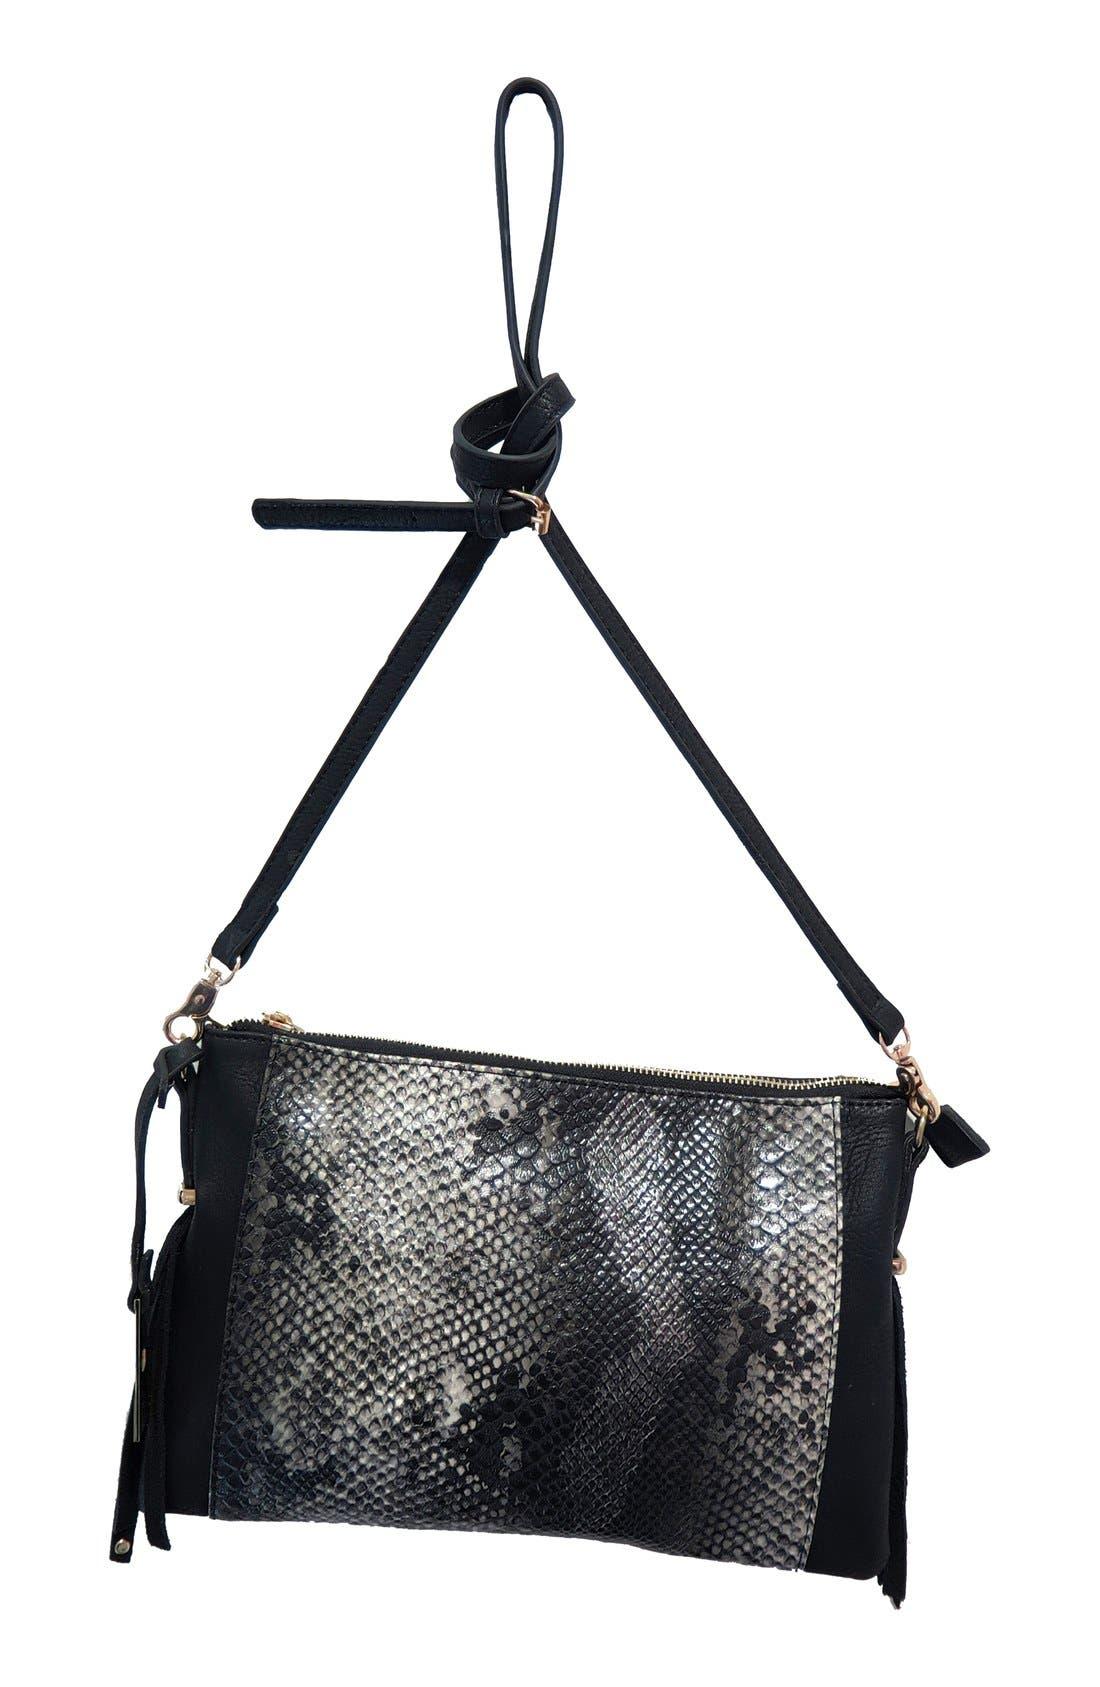 Urban Originals 'Infinity' Snake Embossed Convertible Vegan Leather Crossbody Bag